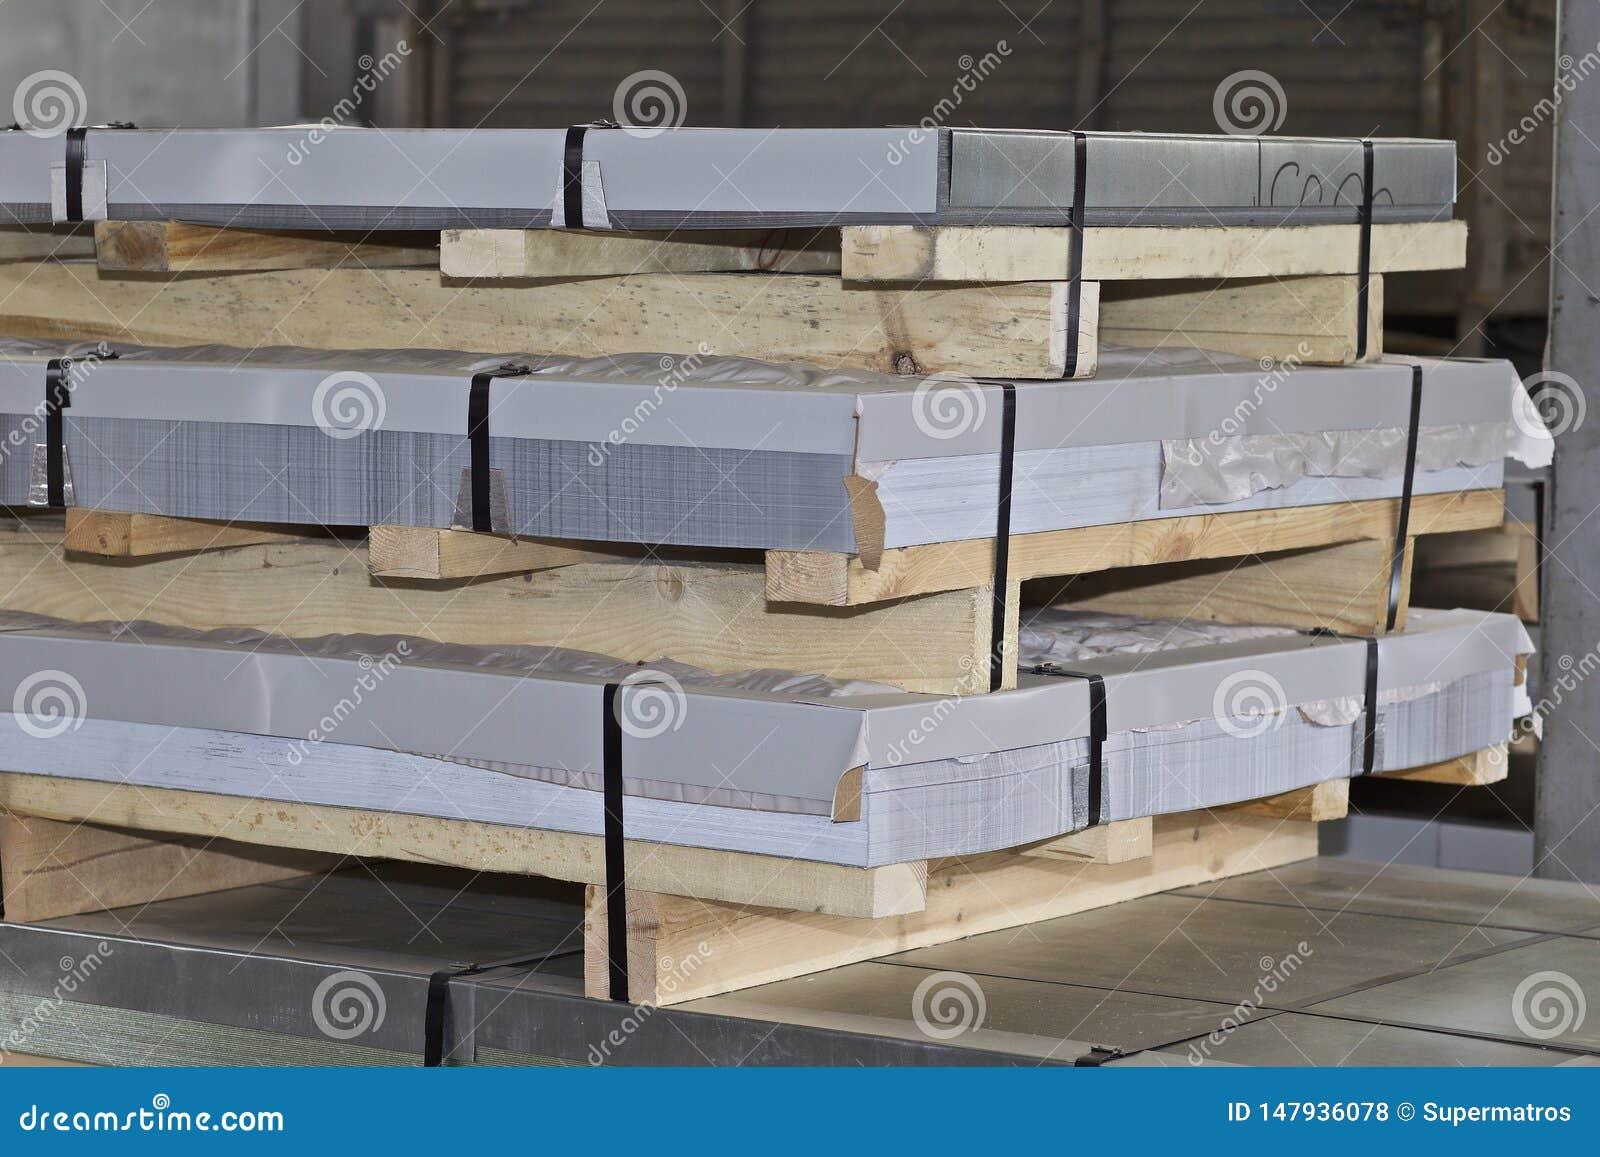 Hoja galvanizada en paquetes en almac?n de los productos de metal